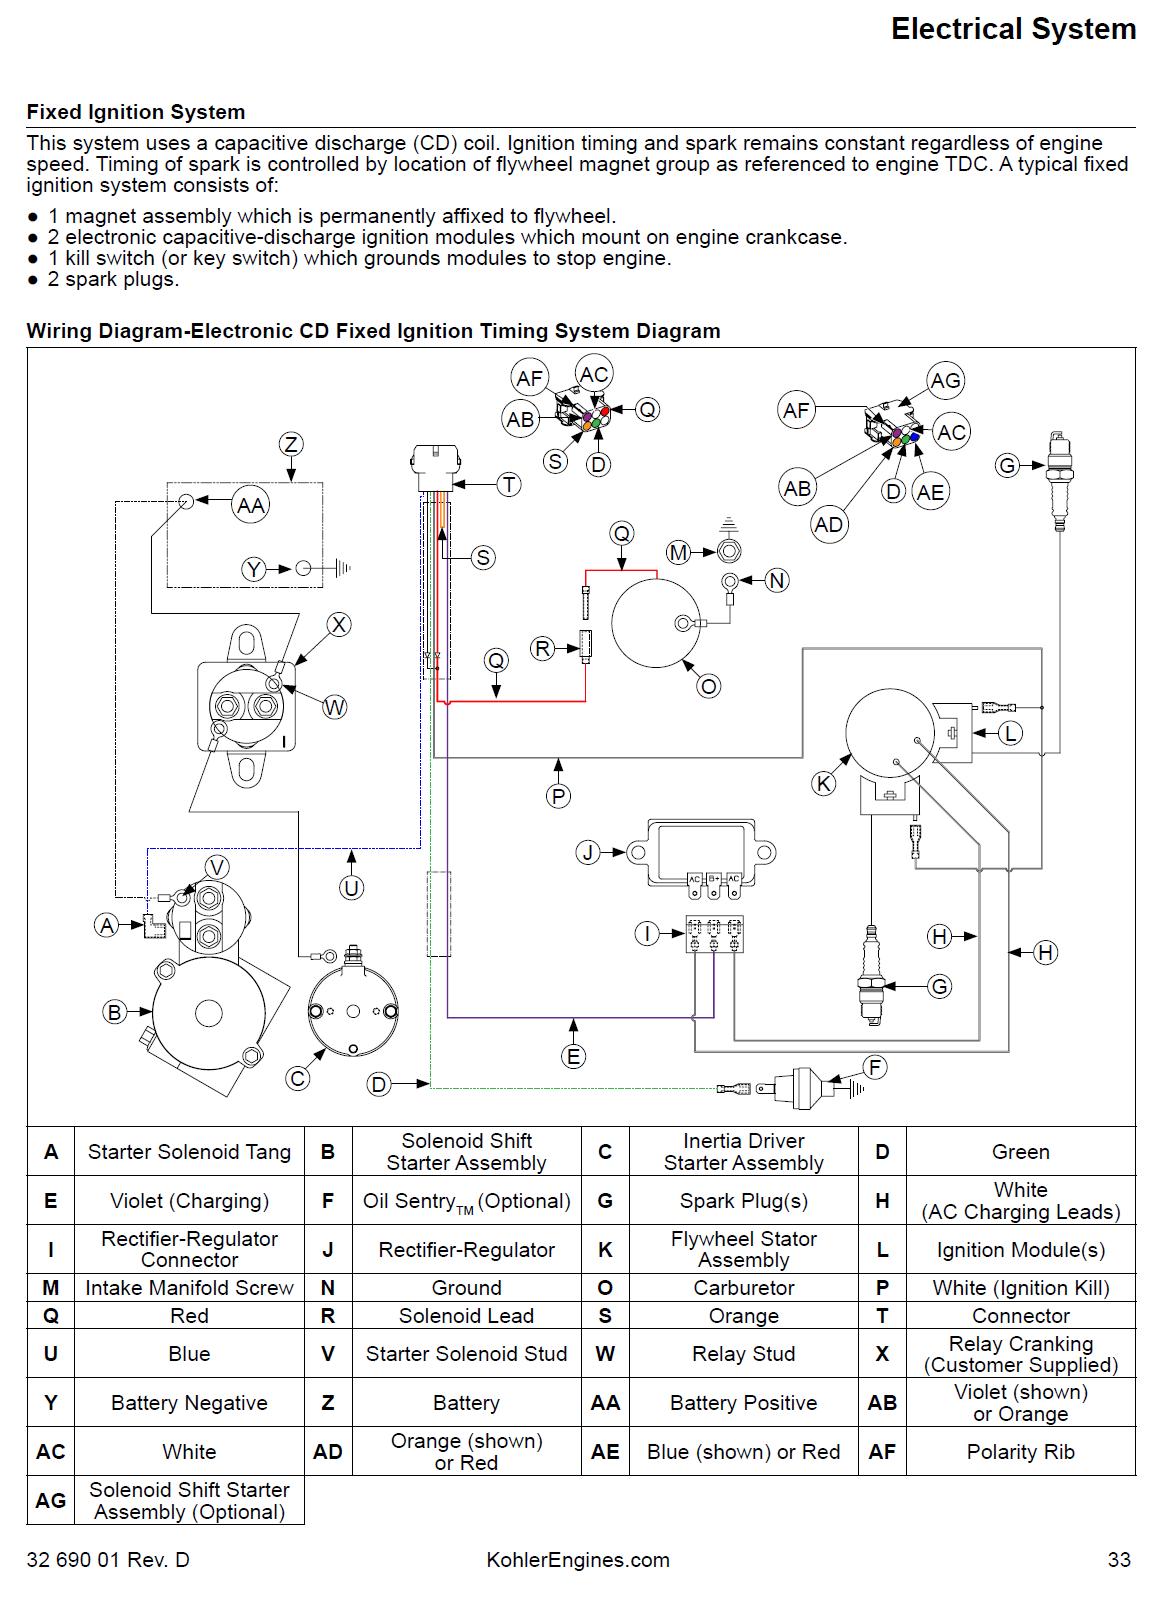 20 Hp Kohler Wiring Diagram 1997 Mustang Engine Wiring Diagram Begeboy Wiring Diagram Source